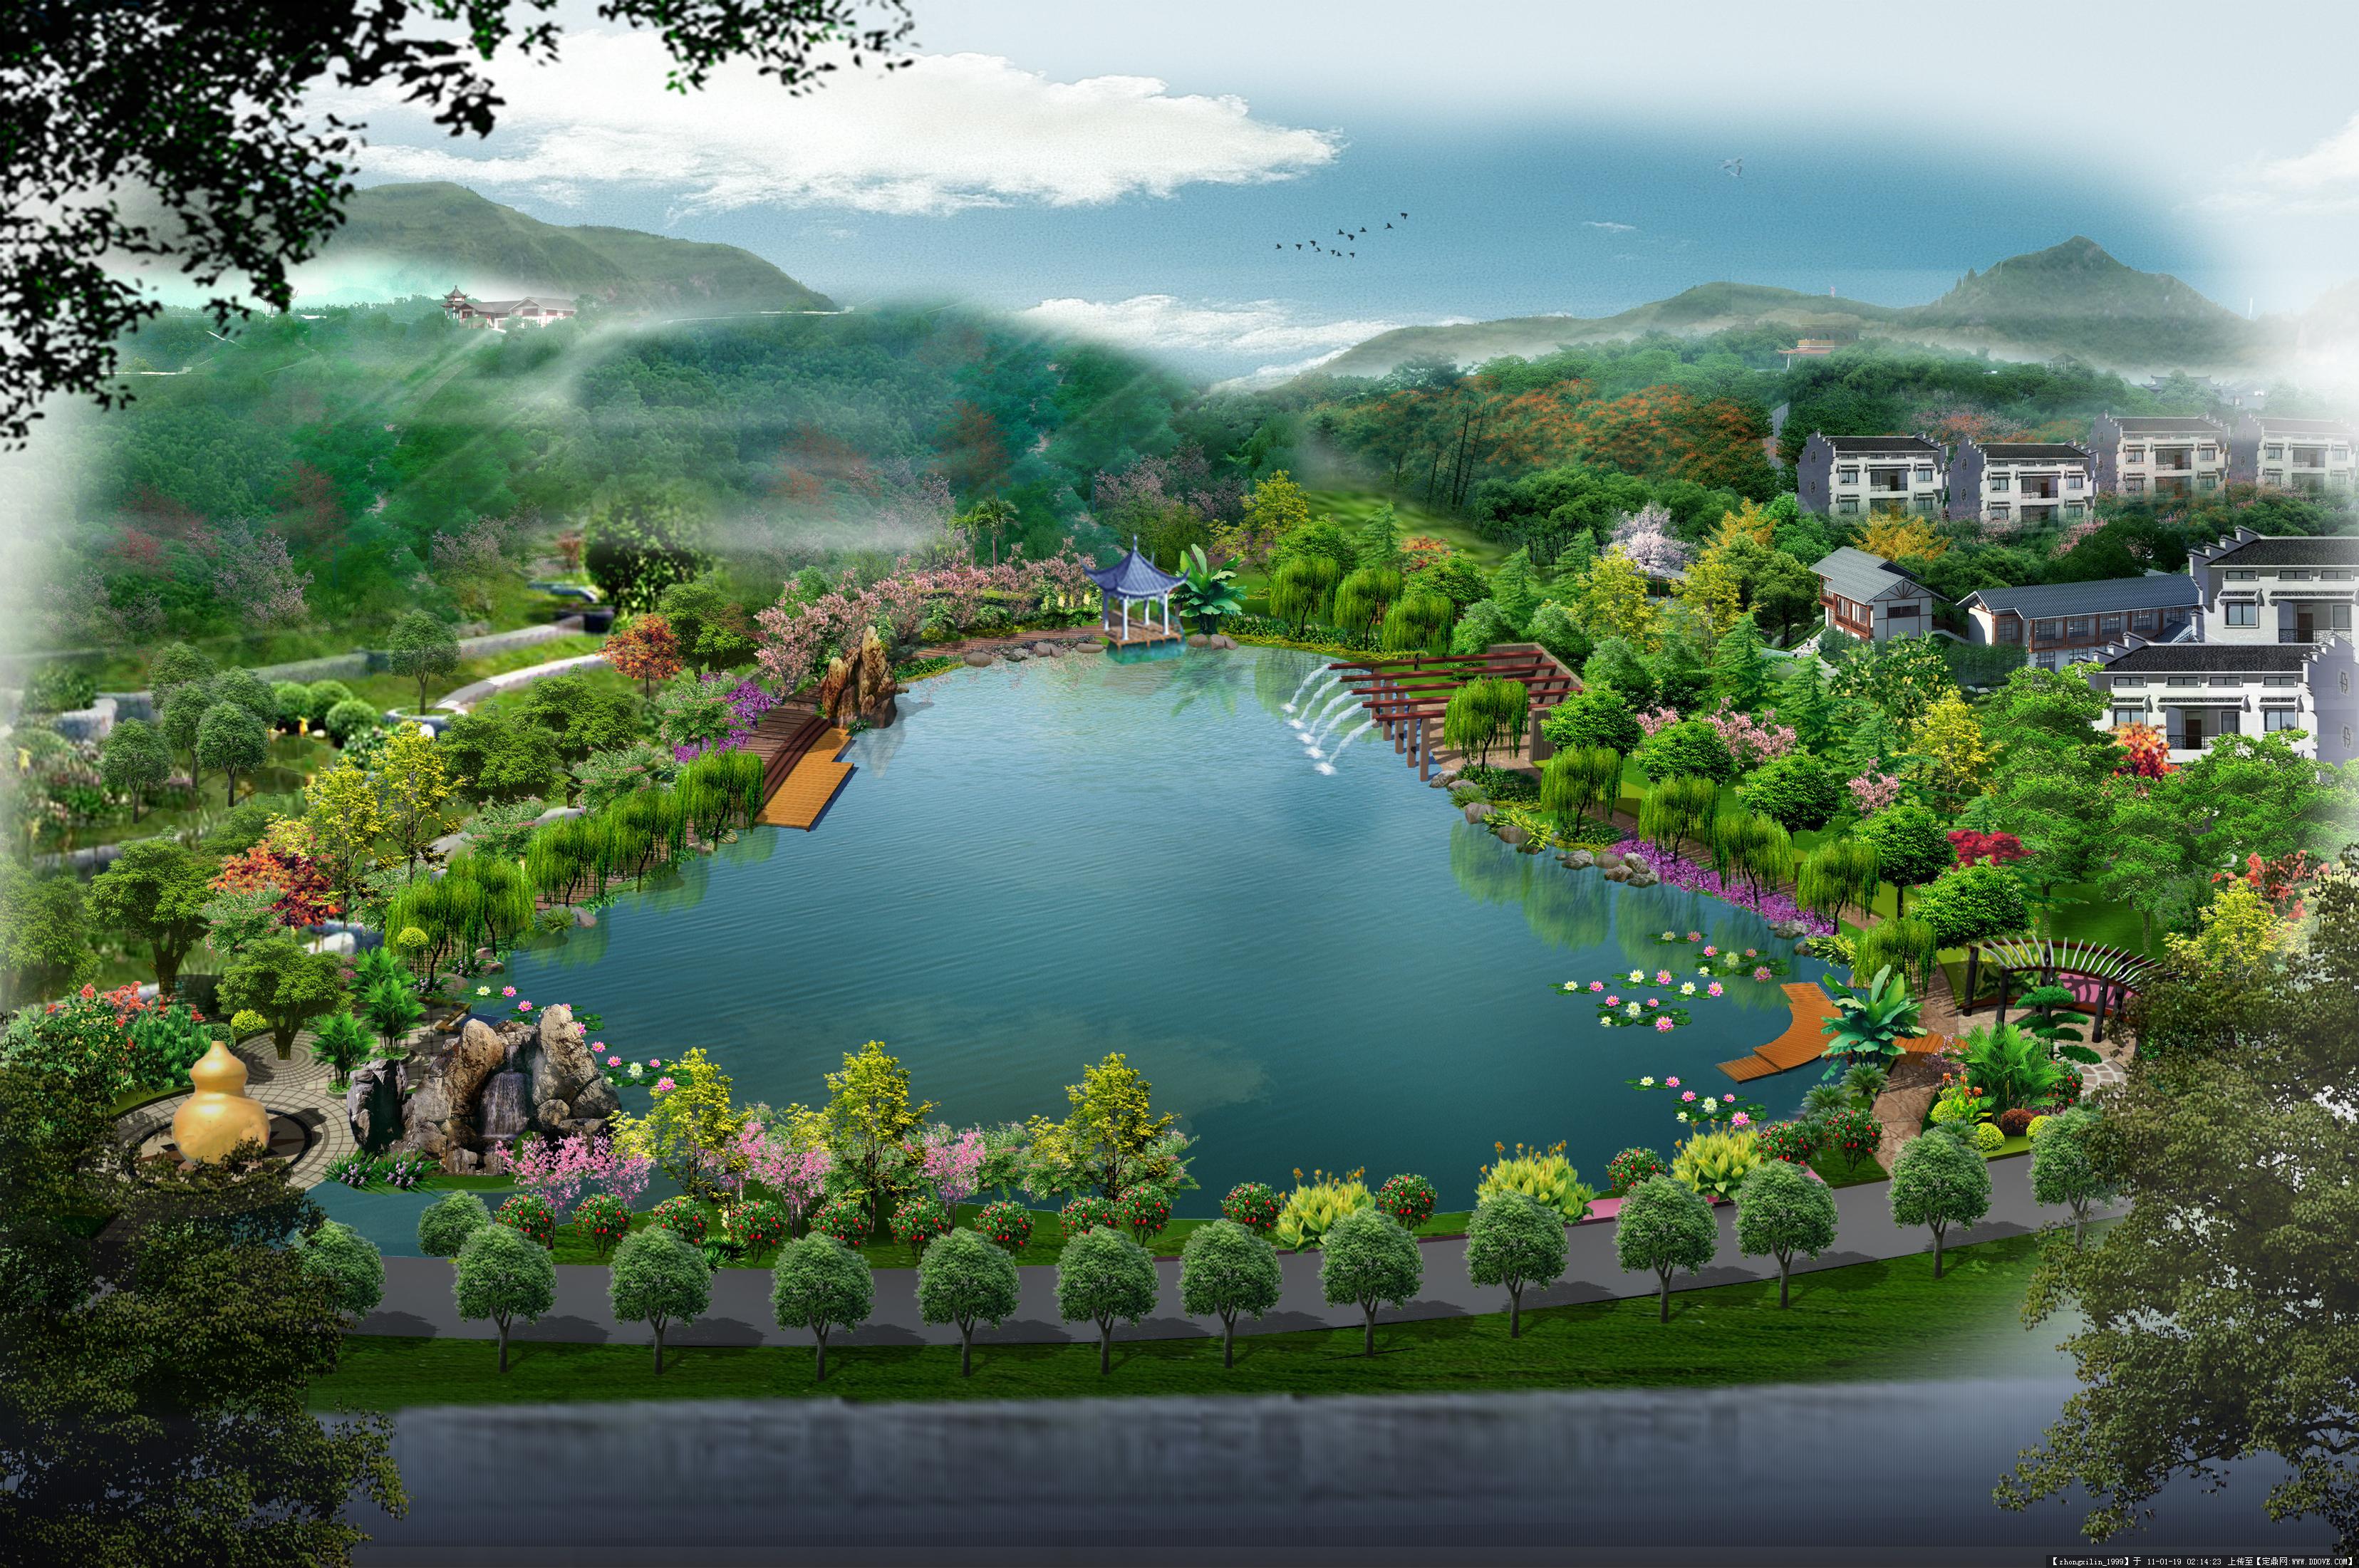 葫芦水体园林景观鸟瞰图